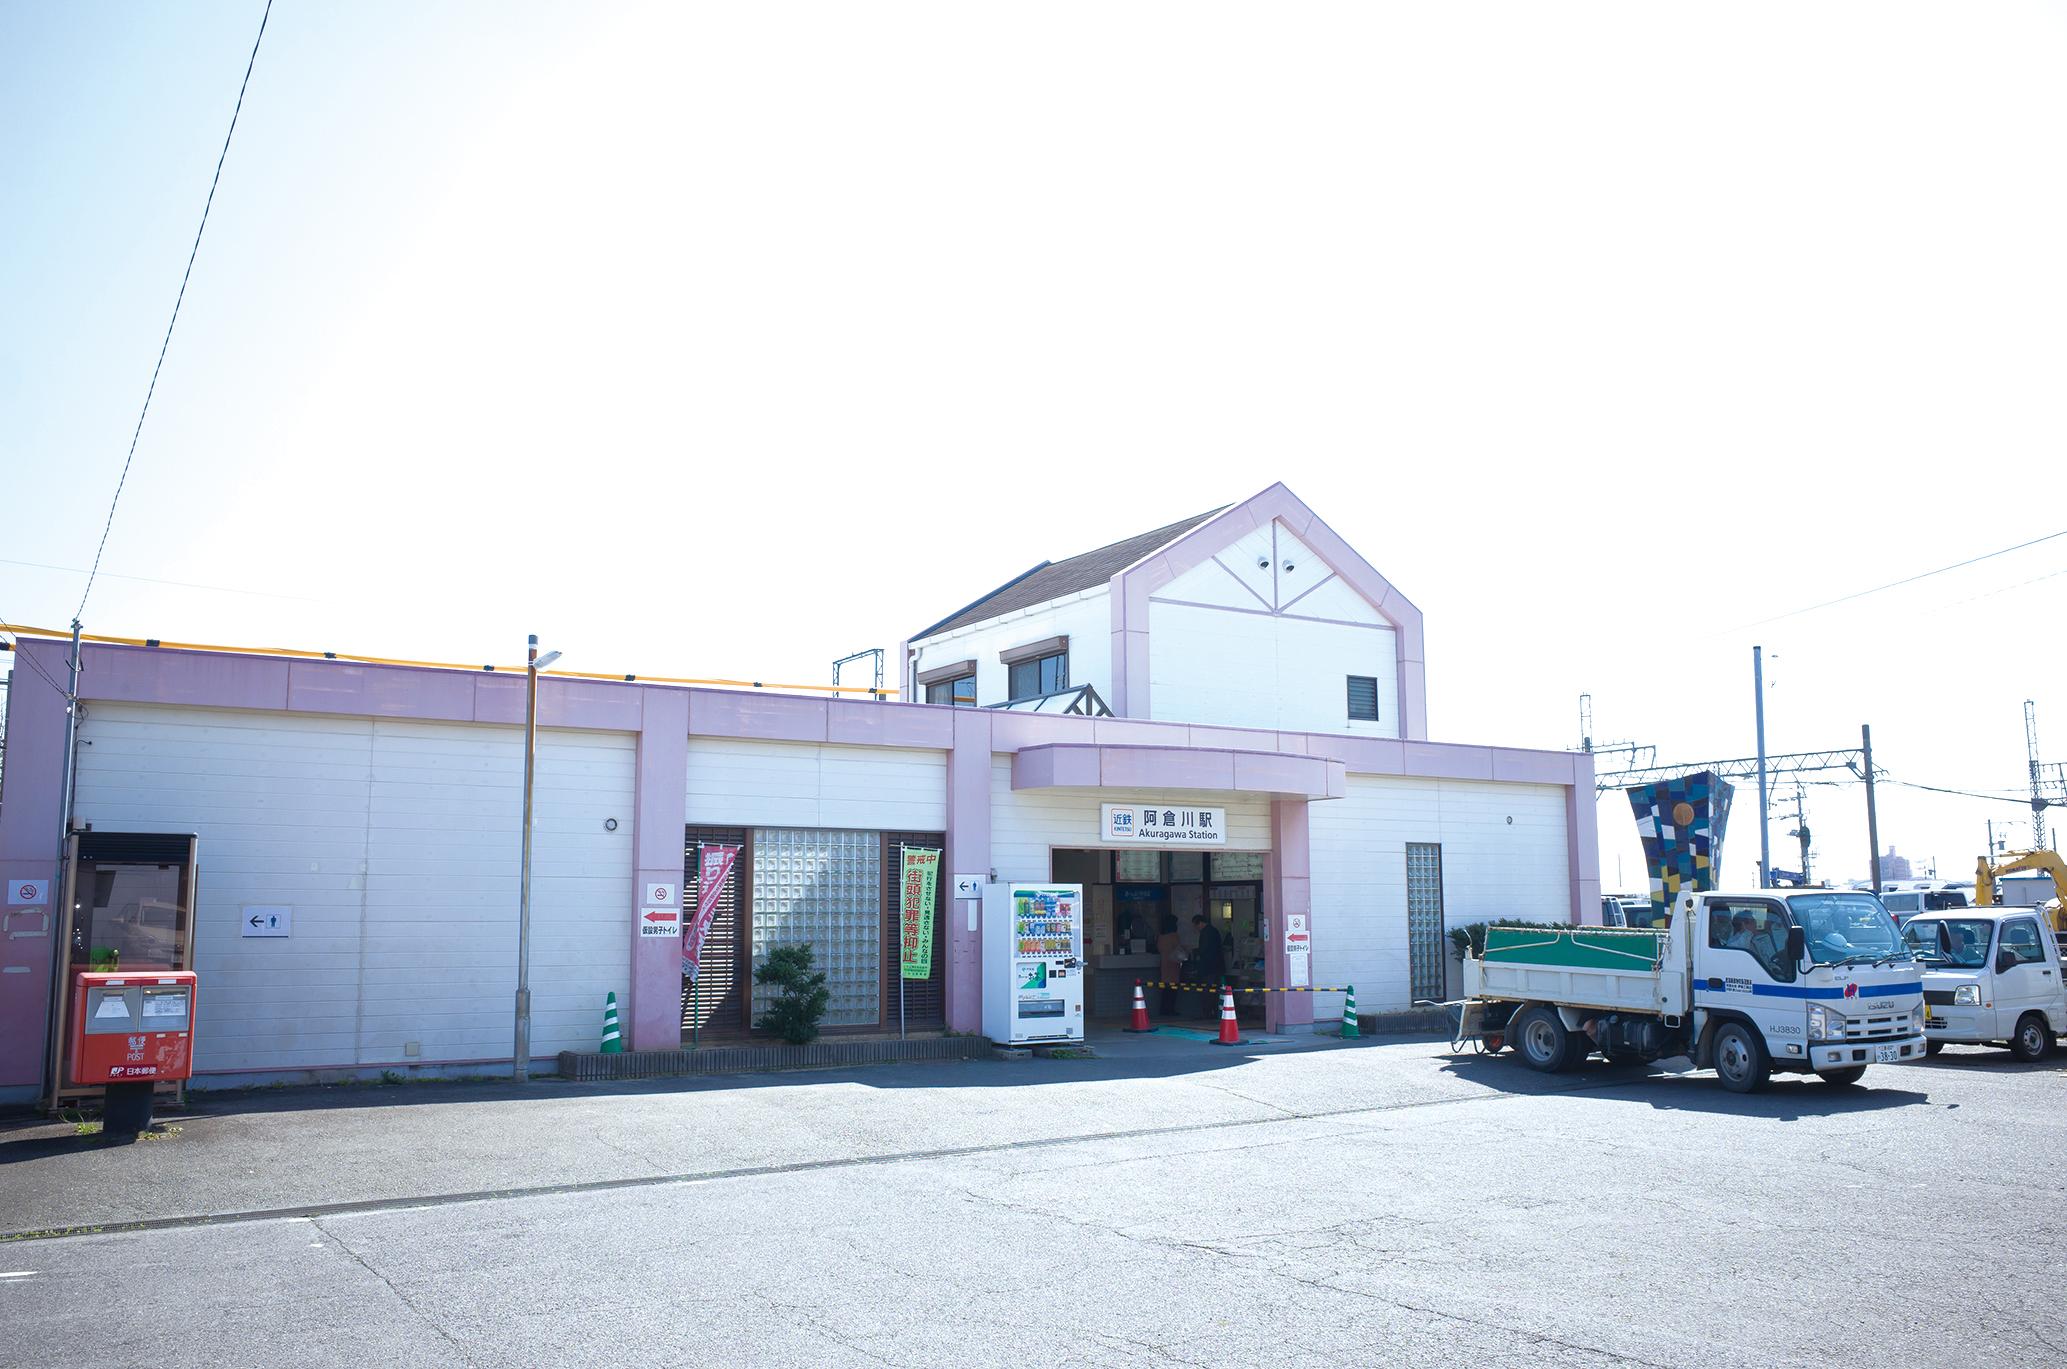 近鉄名古屋線「阿倉川」駅 徒歩約34分 2,700m